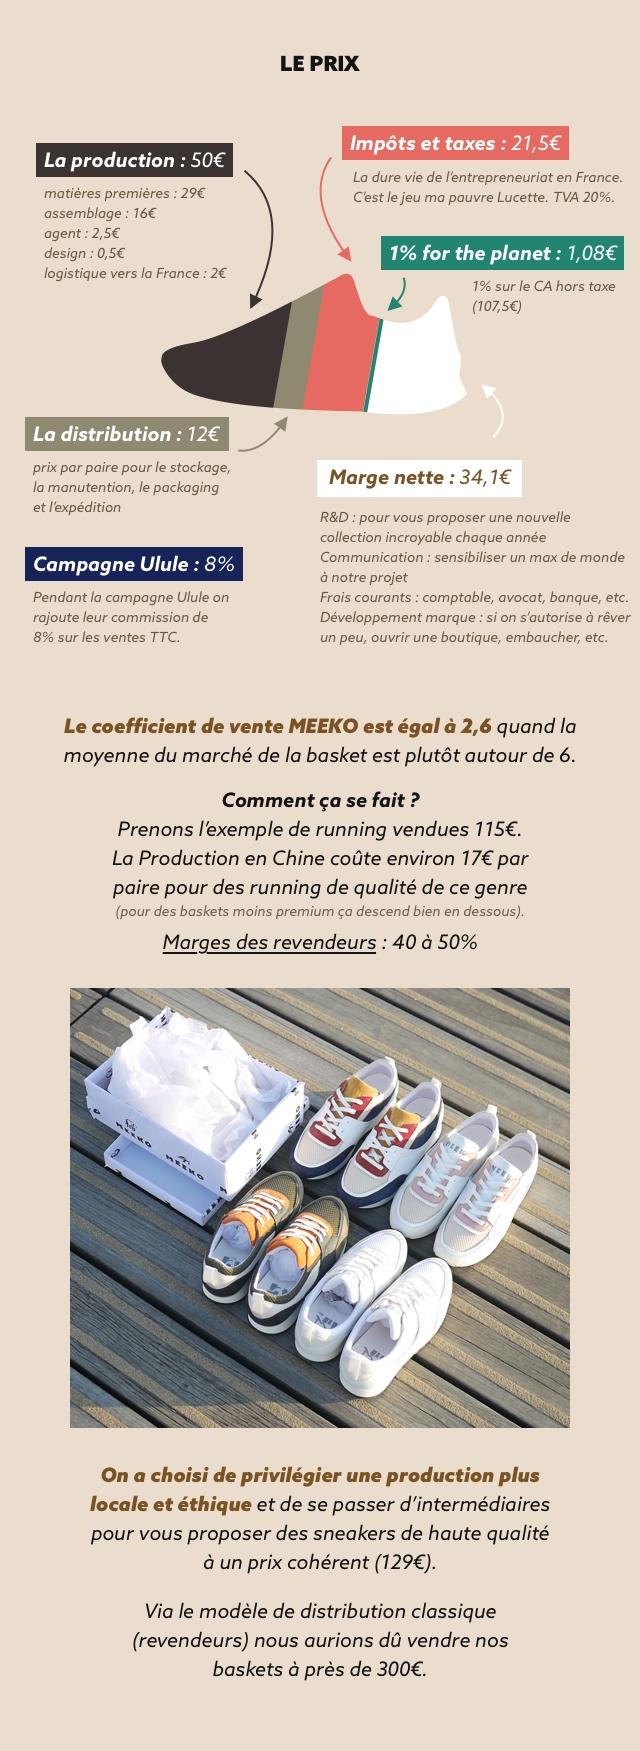 LE PRIX Impots et taxes : 21,5€ La production : 50€ La dure vie de l'entrepreneuriat en France. matieres premieres 29€ C'est le jeu ma pauvre Lucette. TVA 20%. assemblage: 16€ agent 2,5€ design 0,5€ 1% for the planet: 1,08€ logistique vers la France 2€ 1% sur le CA hors taxe (107,5€) La distribution : 12€ prix par paire pour le stockage, la le packaging Marge nette : 34,1 1€ et l'expedition R&D pour vous proposer une nouvelle collection incroyable chaque annee Campagne Ulule : 8% Communication : sensibiliser un max de monde a notre projet Pendant la campagne Ulule on Frais courants : comptable, avocat, banque, etc. rajoute leur commission de Developpement marque si on s'autorise a rever 8% sur les ventes TTC. un peu, ouvrir une boutique, embaucher, etc. Le coefficient de vente MEEKO est egal a 2, quand la moyenne du marche de la basket est plutot autour de 6. Comment ca se fait ? Prenons l'exemple de running vendues 115€. La Production en Chine coute environ 17€ par paire pour des running de qualite de ce genre (pour des baskets moins premium ca descend bien en dessous). Marges des revendeurs : 40 a 50% On a choisi de privilegier une production plus locale et ethique et de se passer d'intermediaires pour vous proposer des sneakers de haute qualite a un prix coherent (129€). Via le modele de distribution classique (revendeurs) nous aurions du vendre nos baskets a pres de 300€.